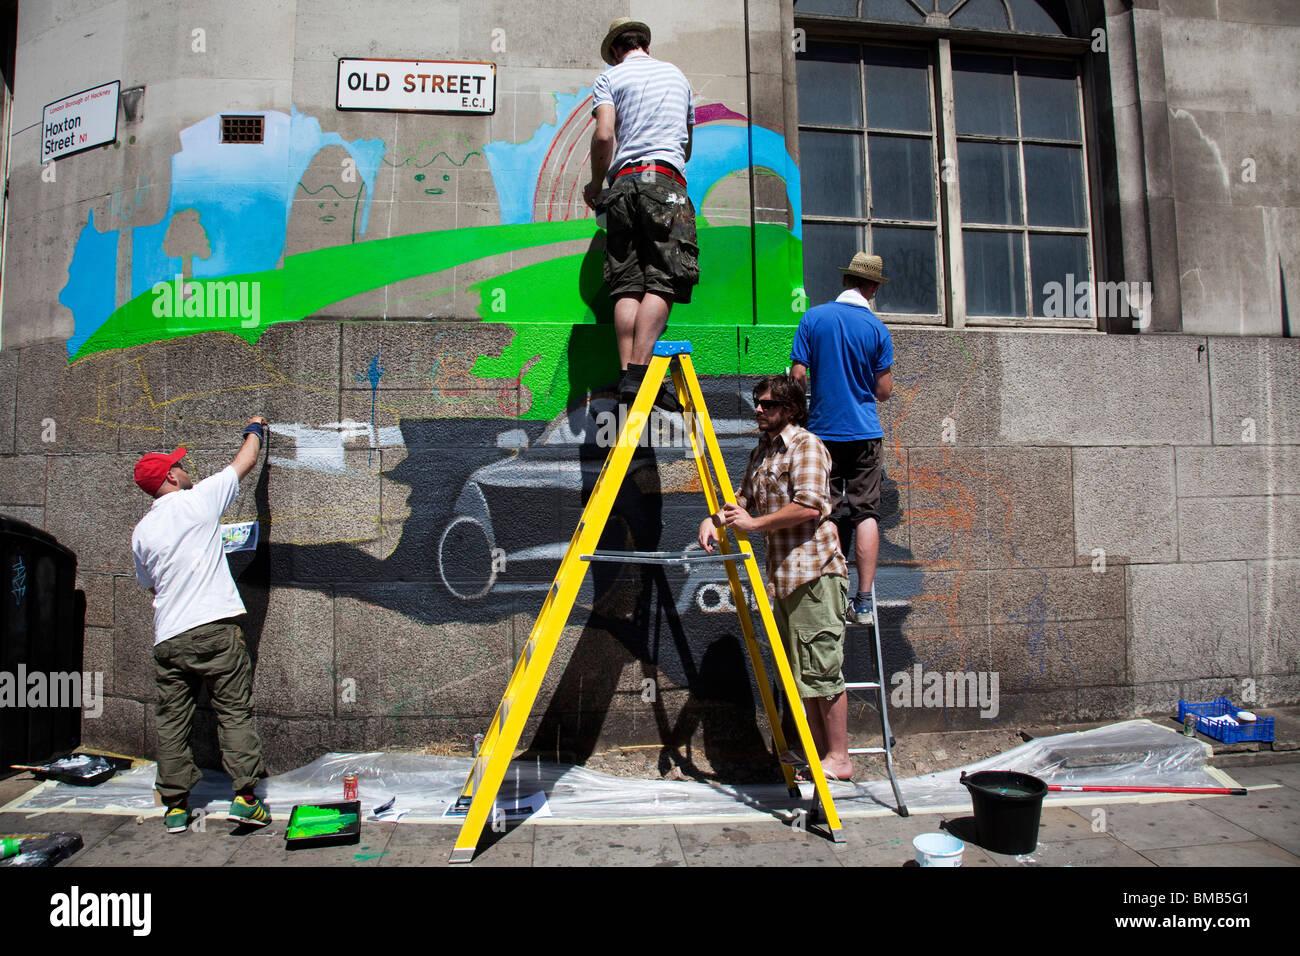 Una scala grande annuncio è dipinta su un muro sulla vecchia strada nella zona est di Londra. Questo si trova Immagini Stock